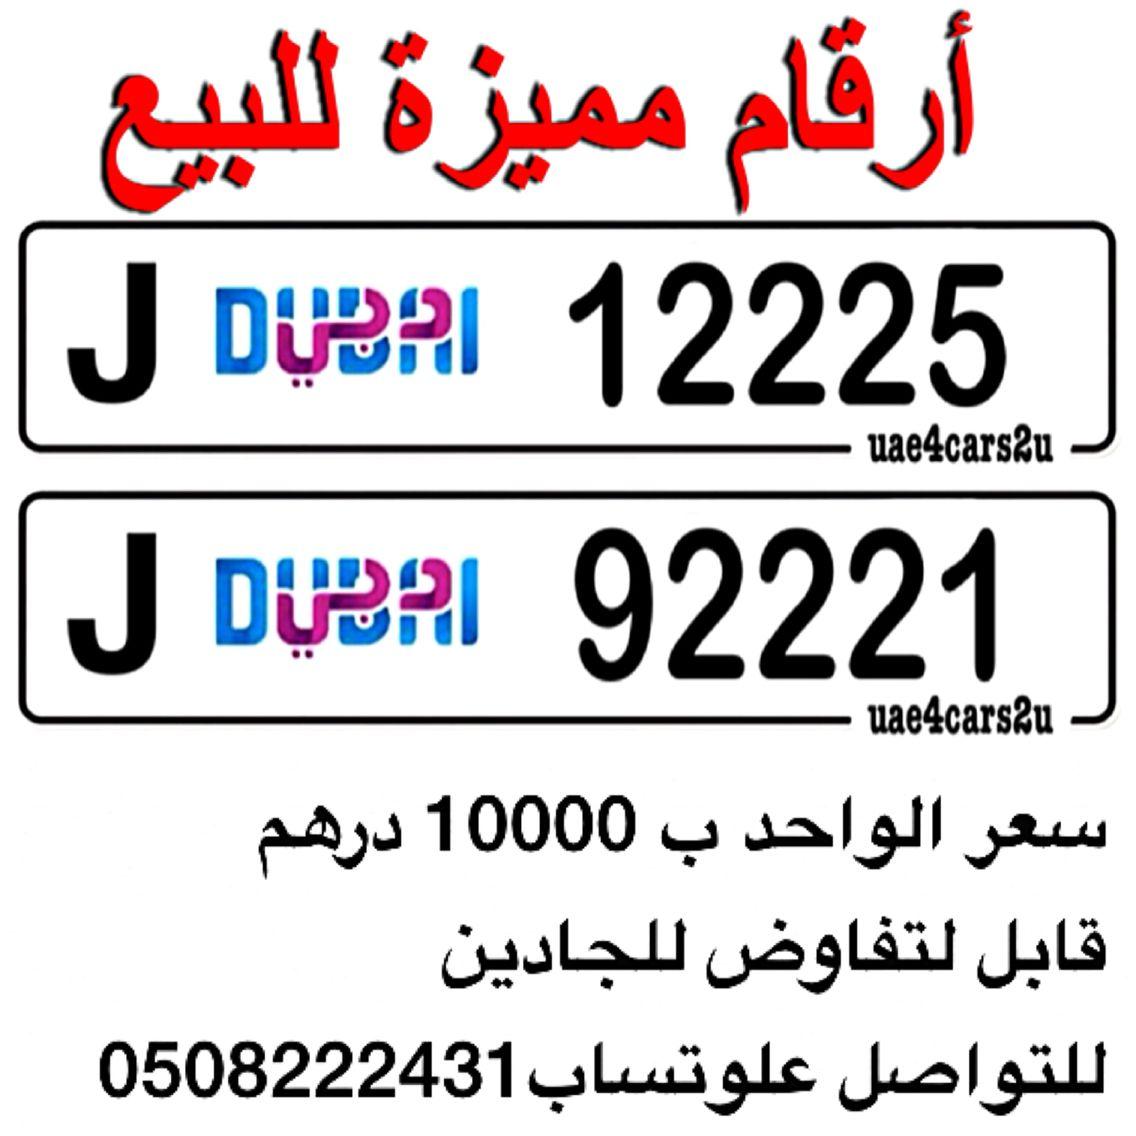 للبيع ارقام لوحات مميزة للسيارات لإمارة دبي سعر الواحد ب 10000 درهم قابل لتفاوض للجادين للتواصل علوتساب0508222431 اعلان مدفوع Math Novelty Sign Math Equations